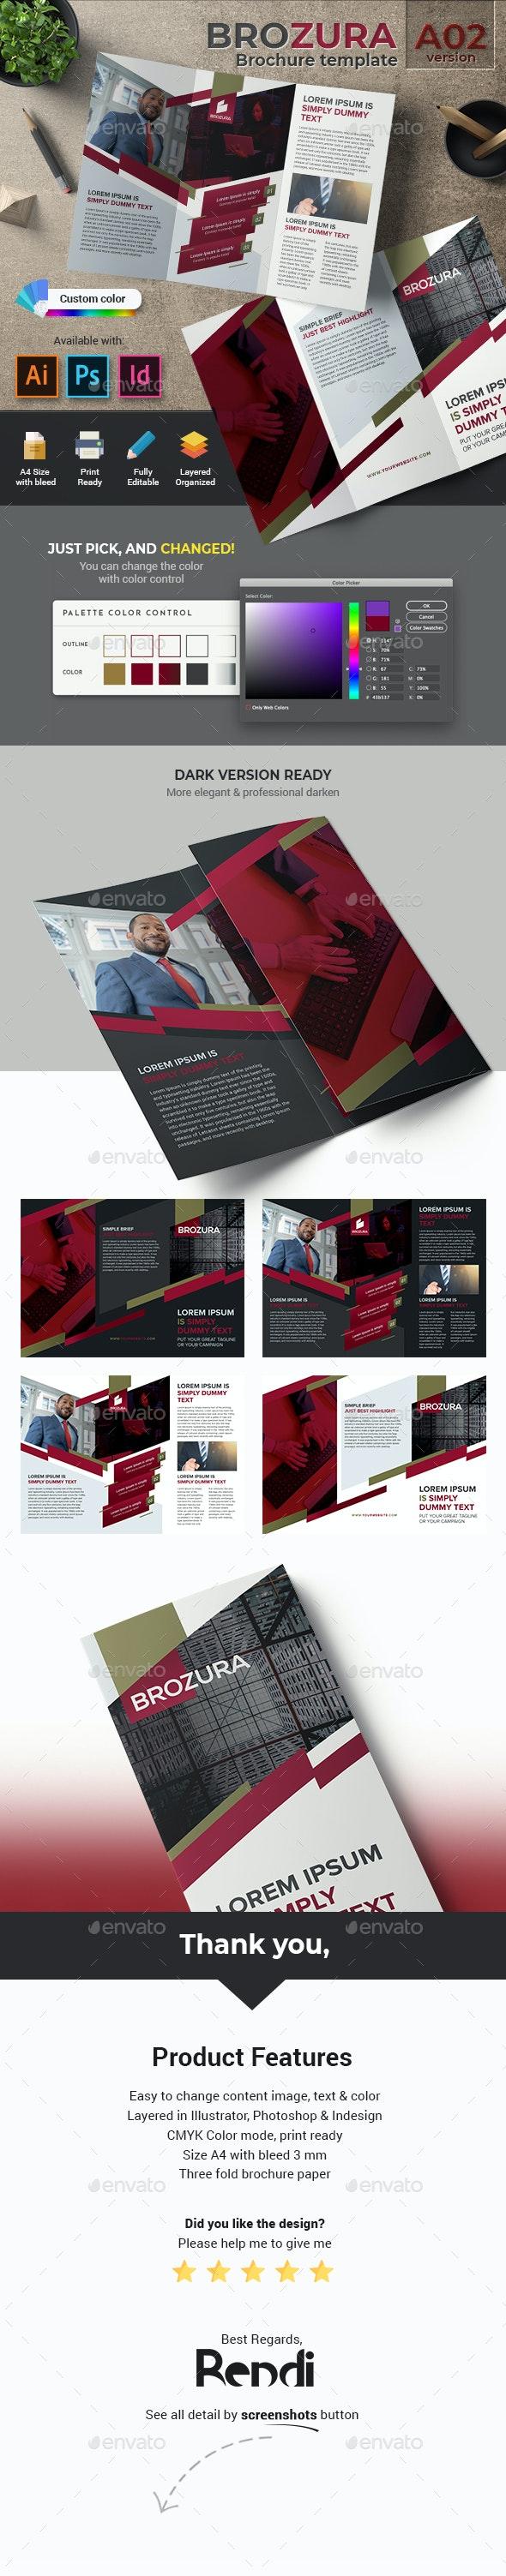 Brozura Serie A02 - Brochure Template - Corporate Brochures